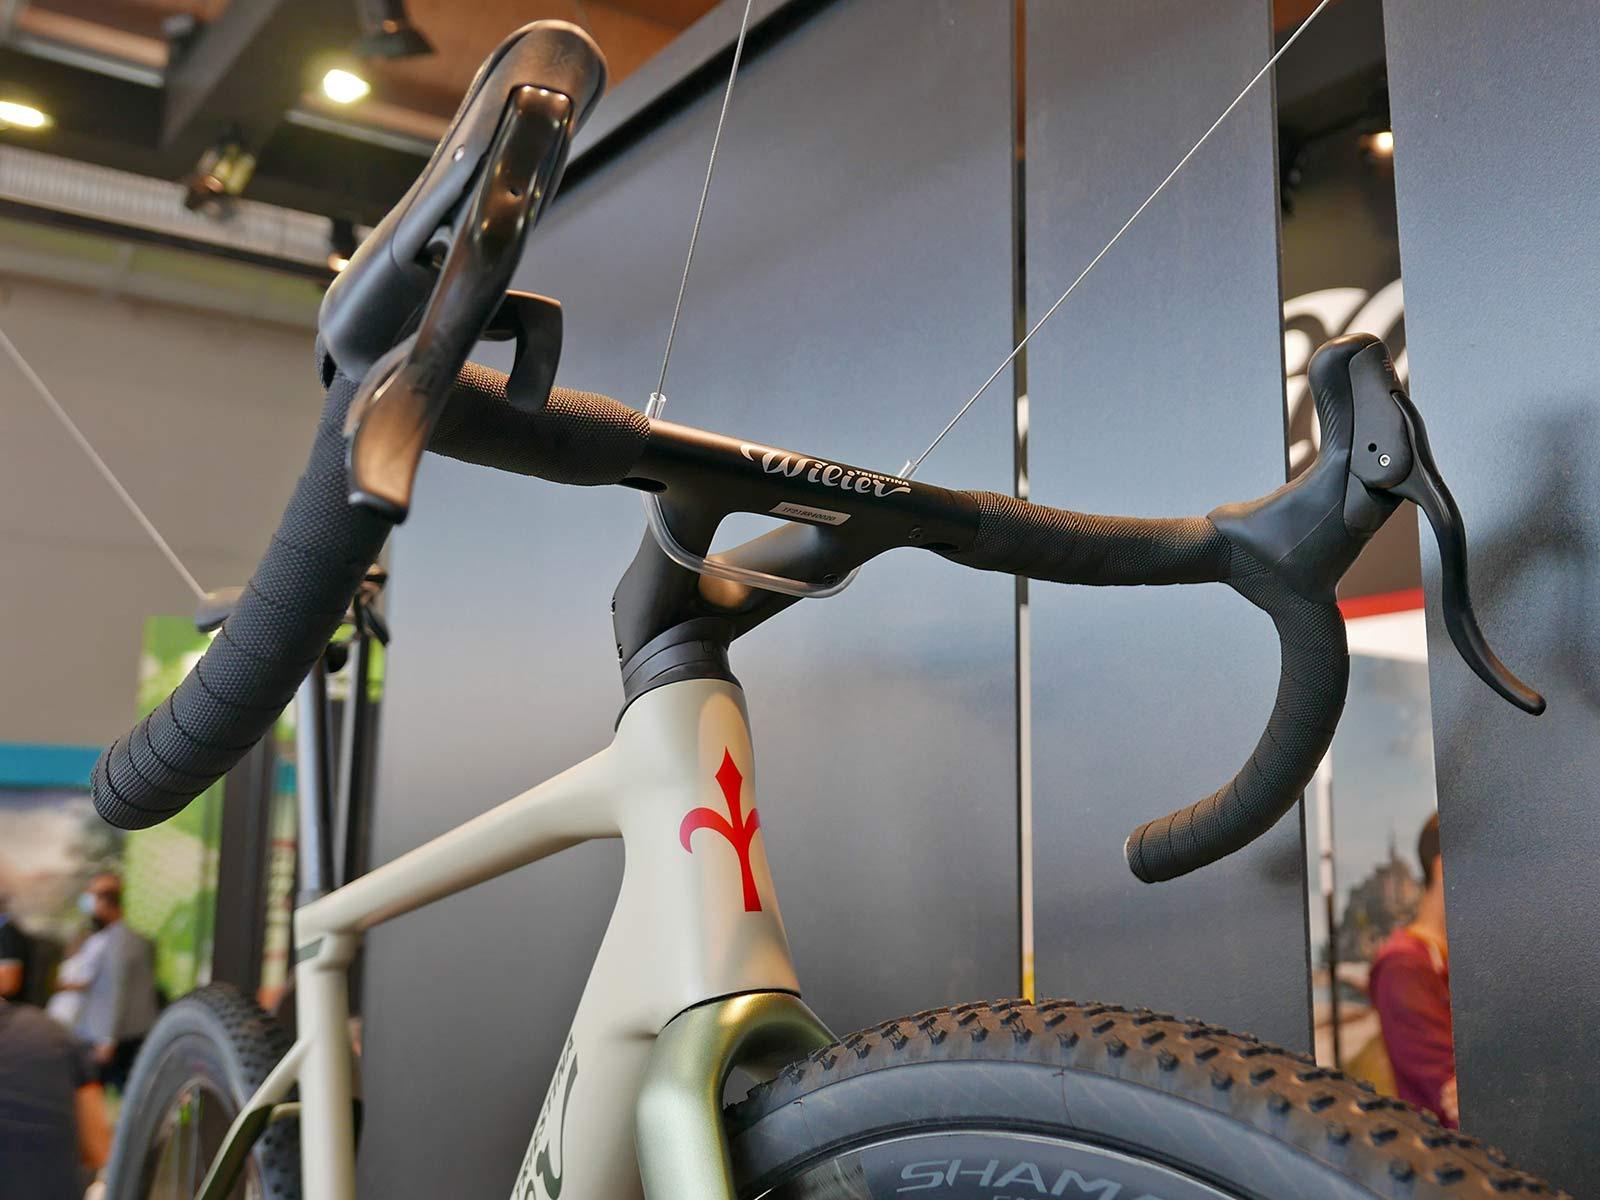 Wilier Rave SLR lightweight carbon all-road gravel bike, integrated J-bar cockpit